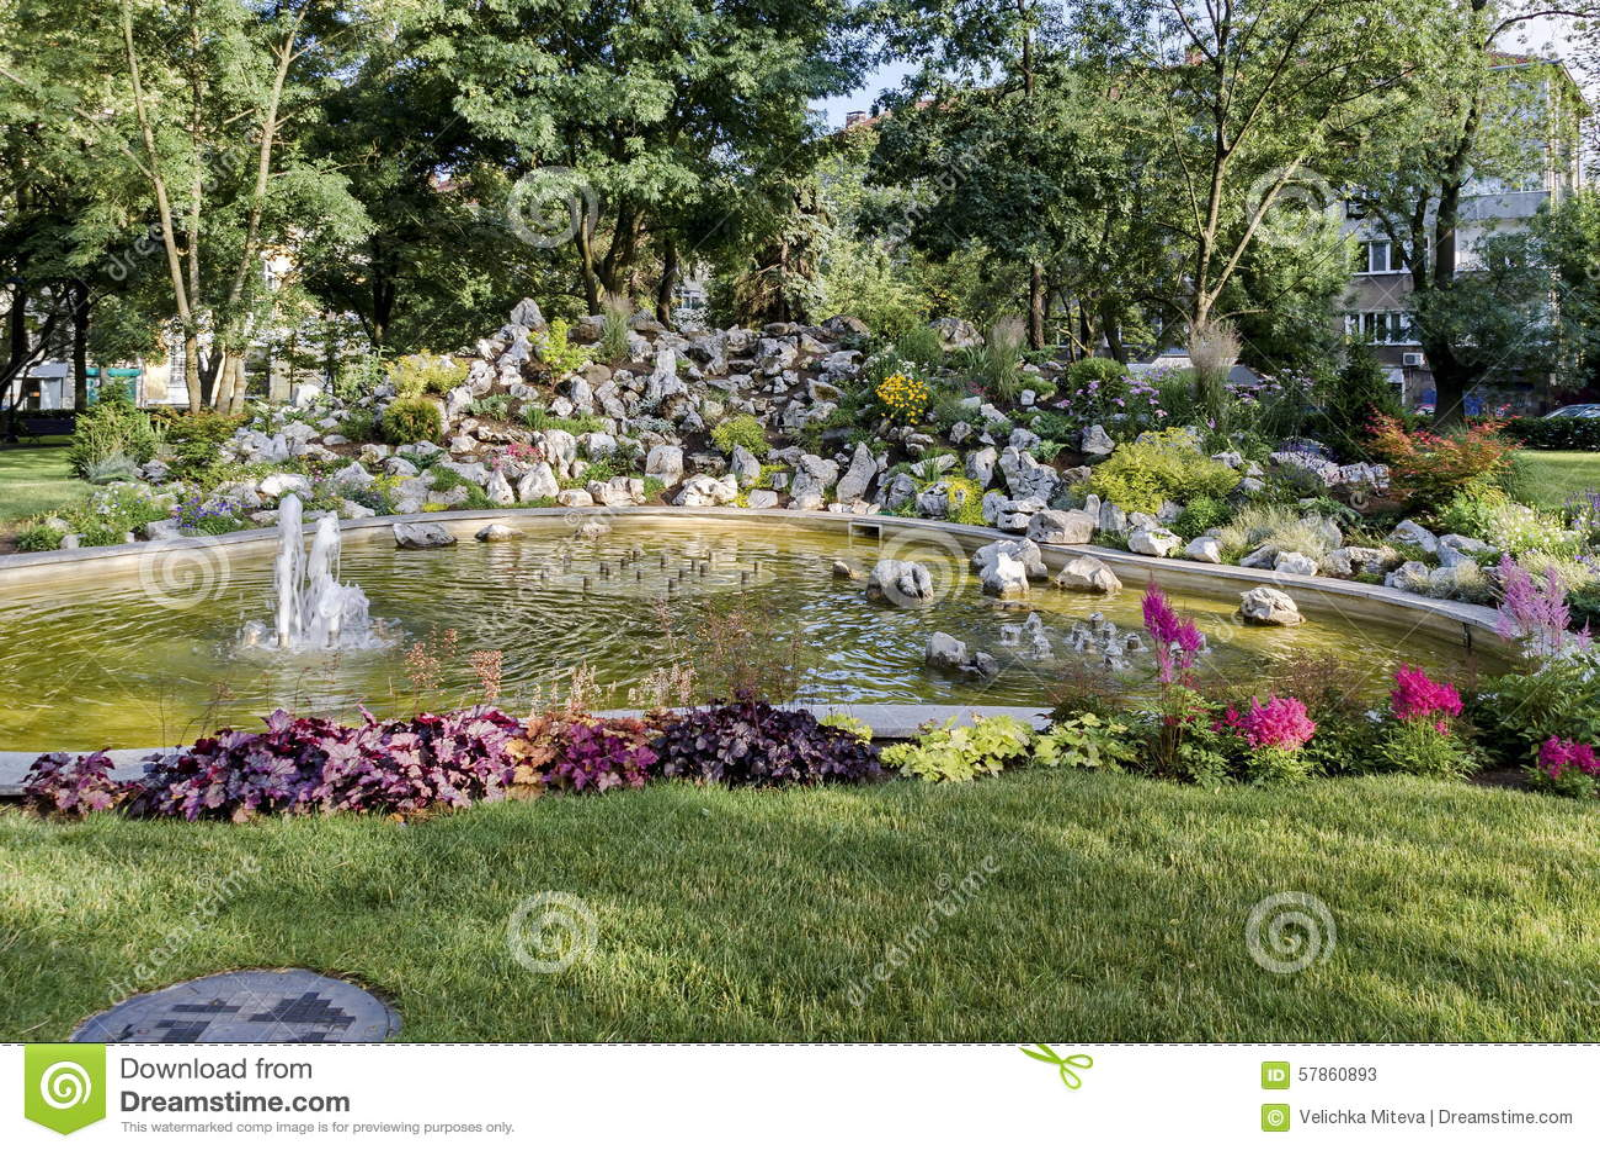 Grupo de las peque as fuentes de agua que fluyen en jard n - Fuentes de jardin pequenas ...